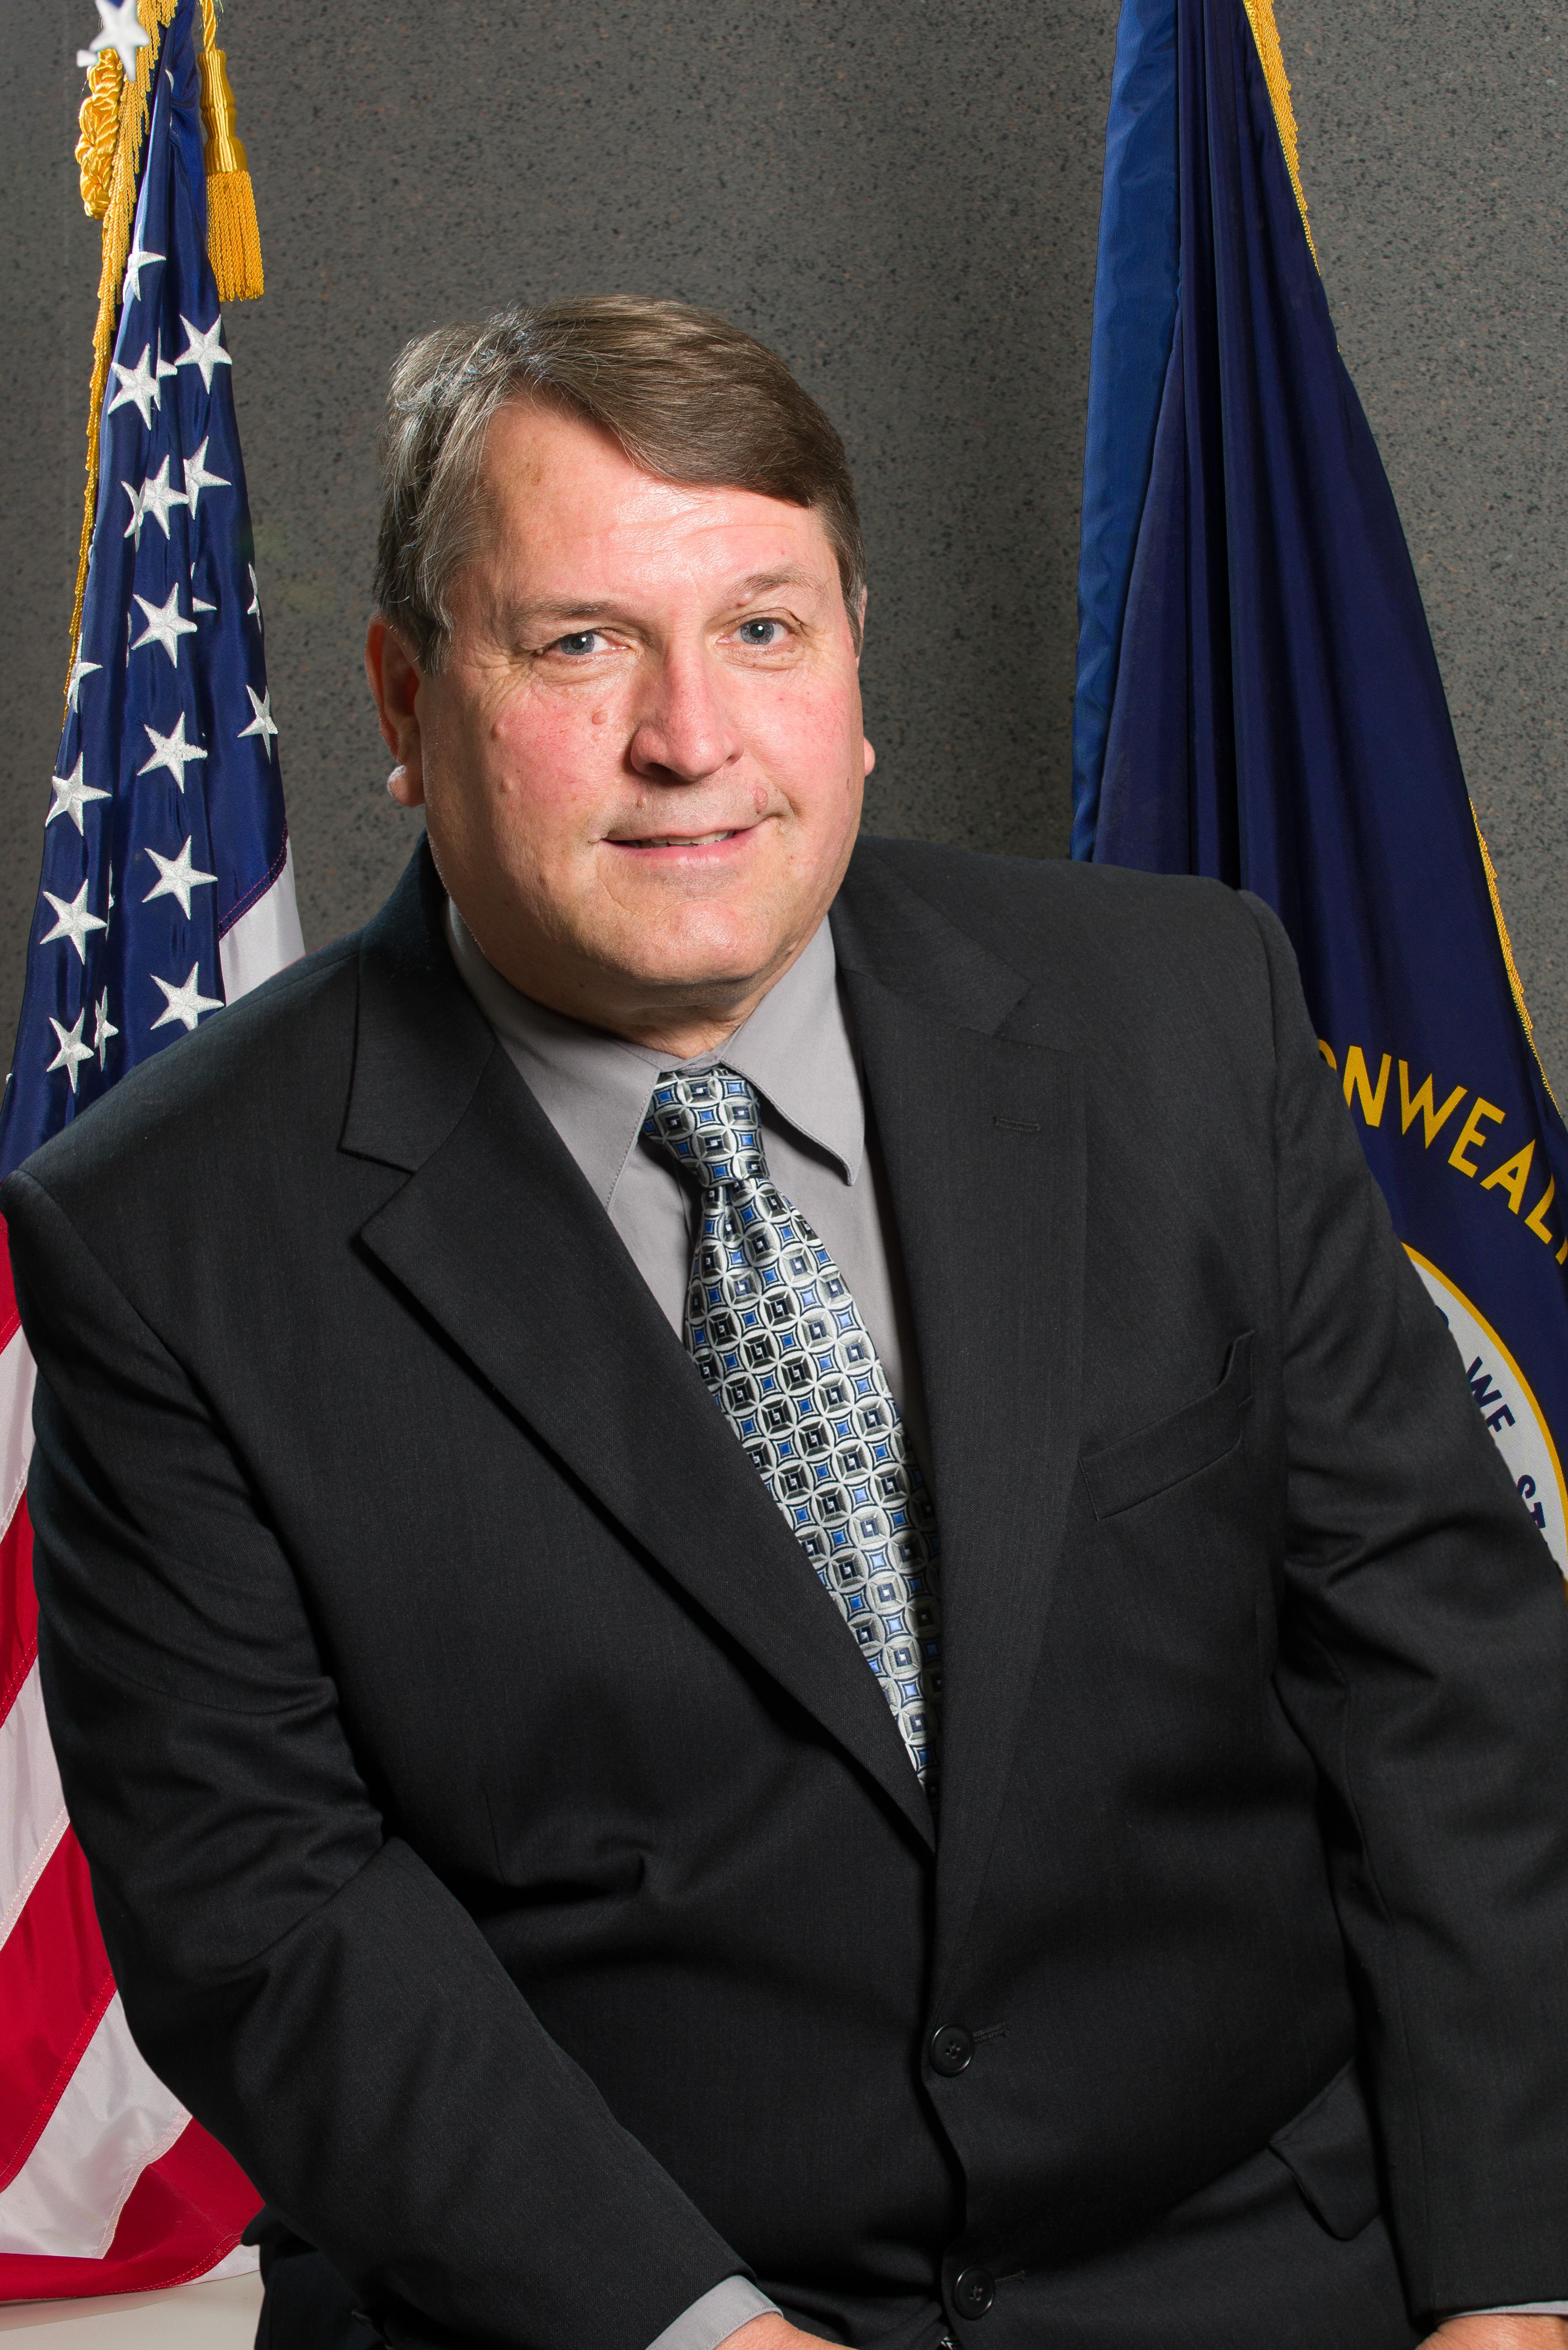 Rick Hostetler